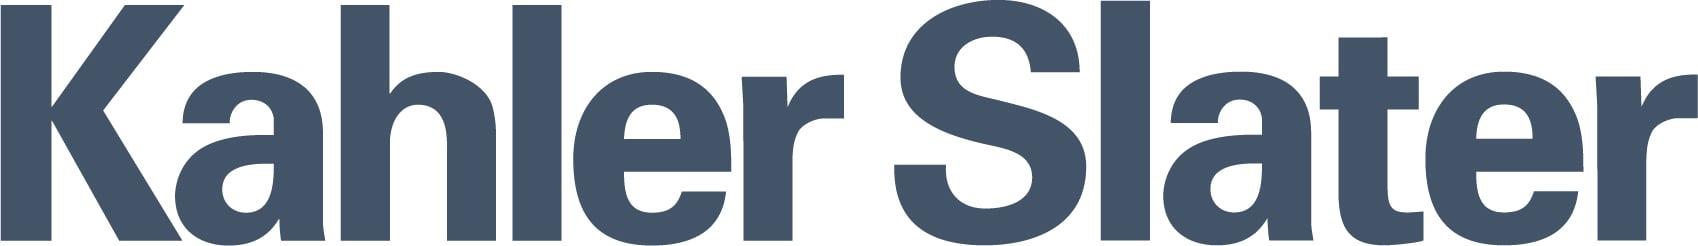 Kahler Slater Logo Ink